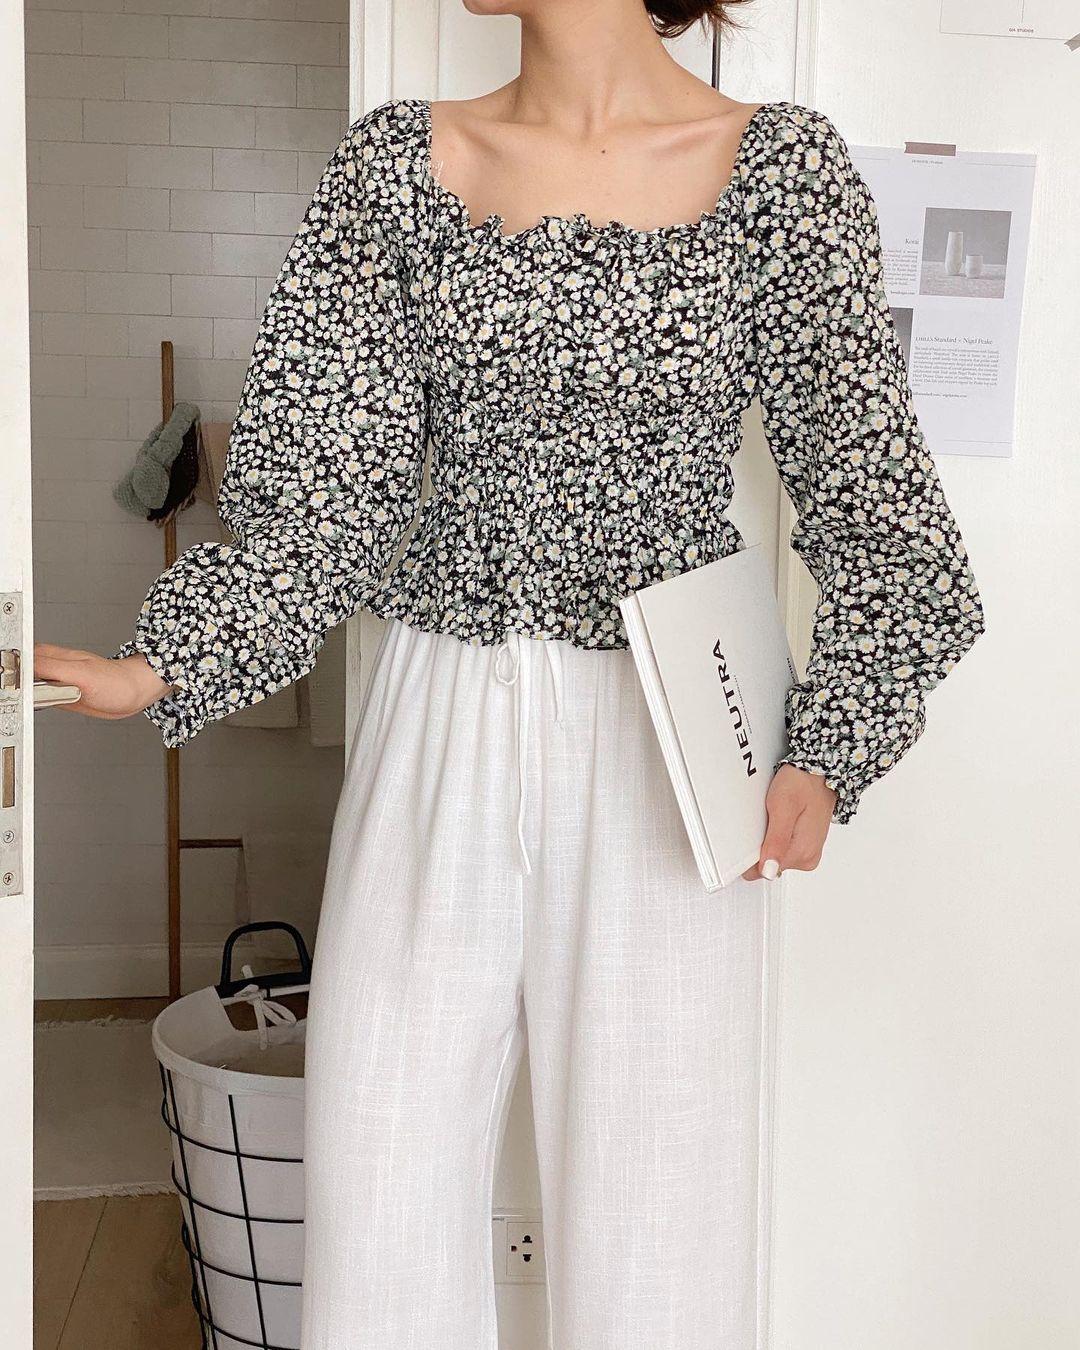 Mách các nàng chỗ mua áo blouse xinh như thiên thần giá chỉ từ 240k - ảnh 7